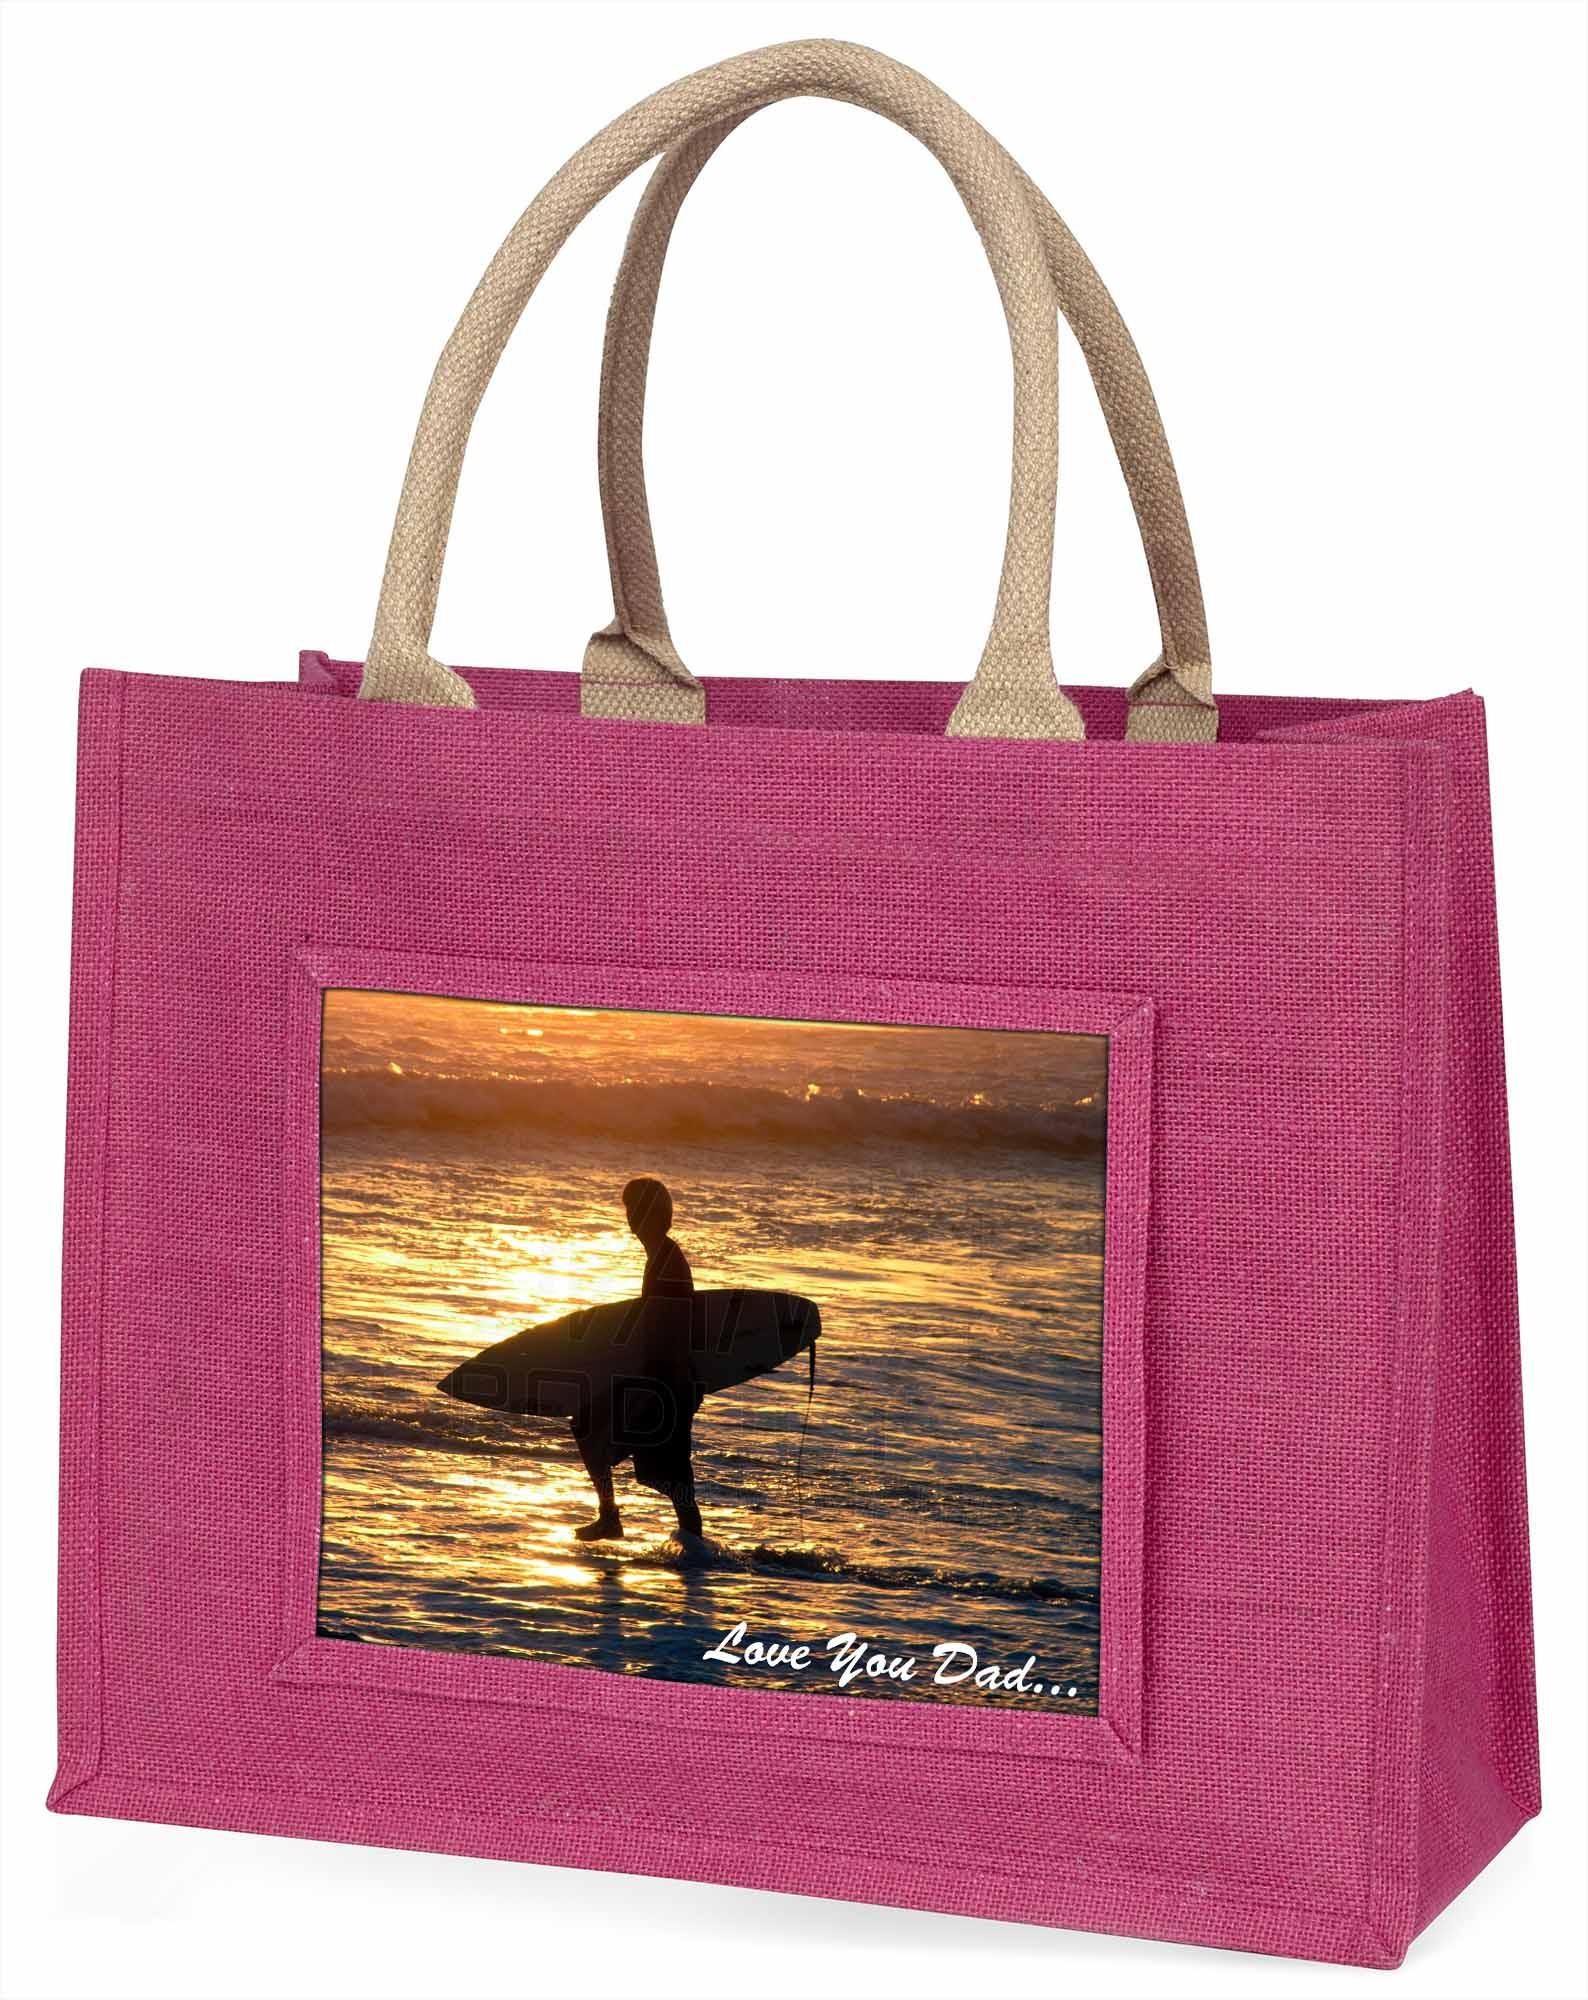 Surfen' liebe Dich Papa' große rosa Einkaufstasche Weihnachtsgeschenk